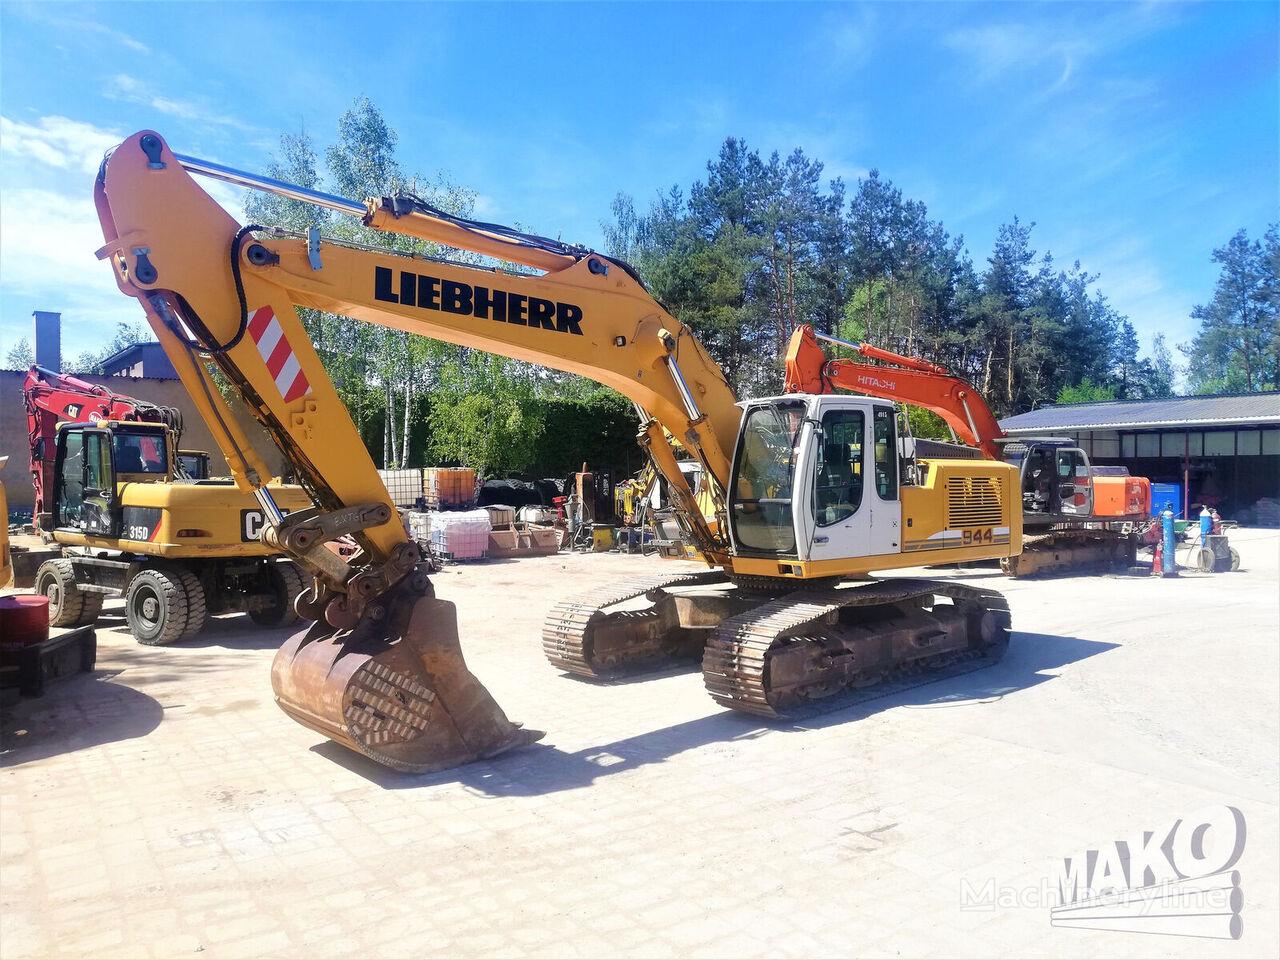 LIEBHERR R944 tracked excavator